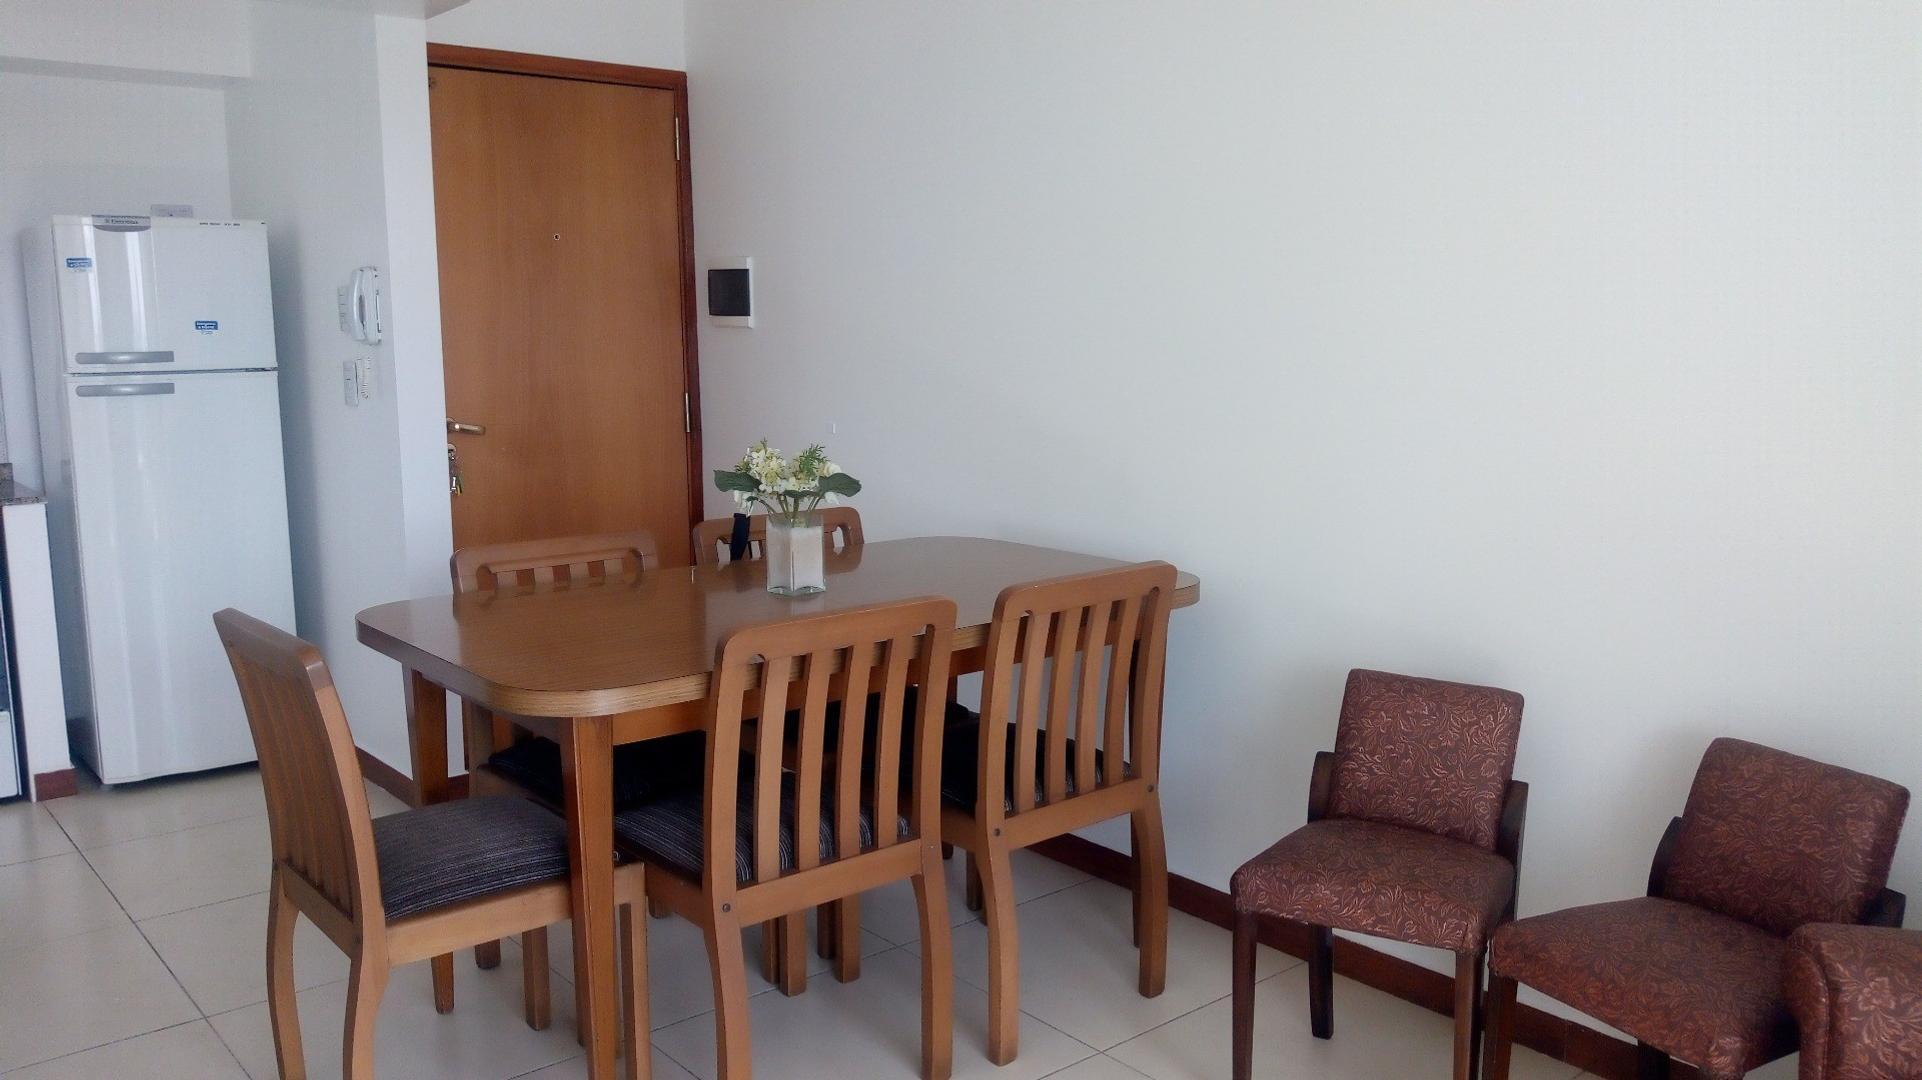 Departamento 2 ambientes - 45 mts - Excelente estado.